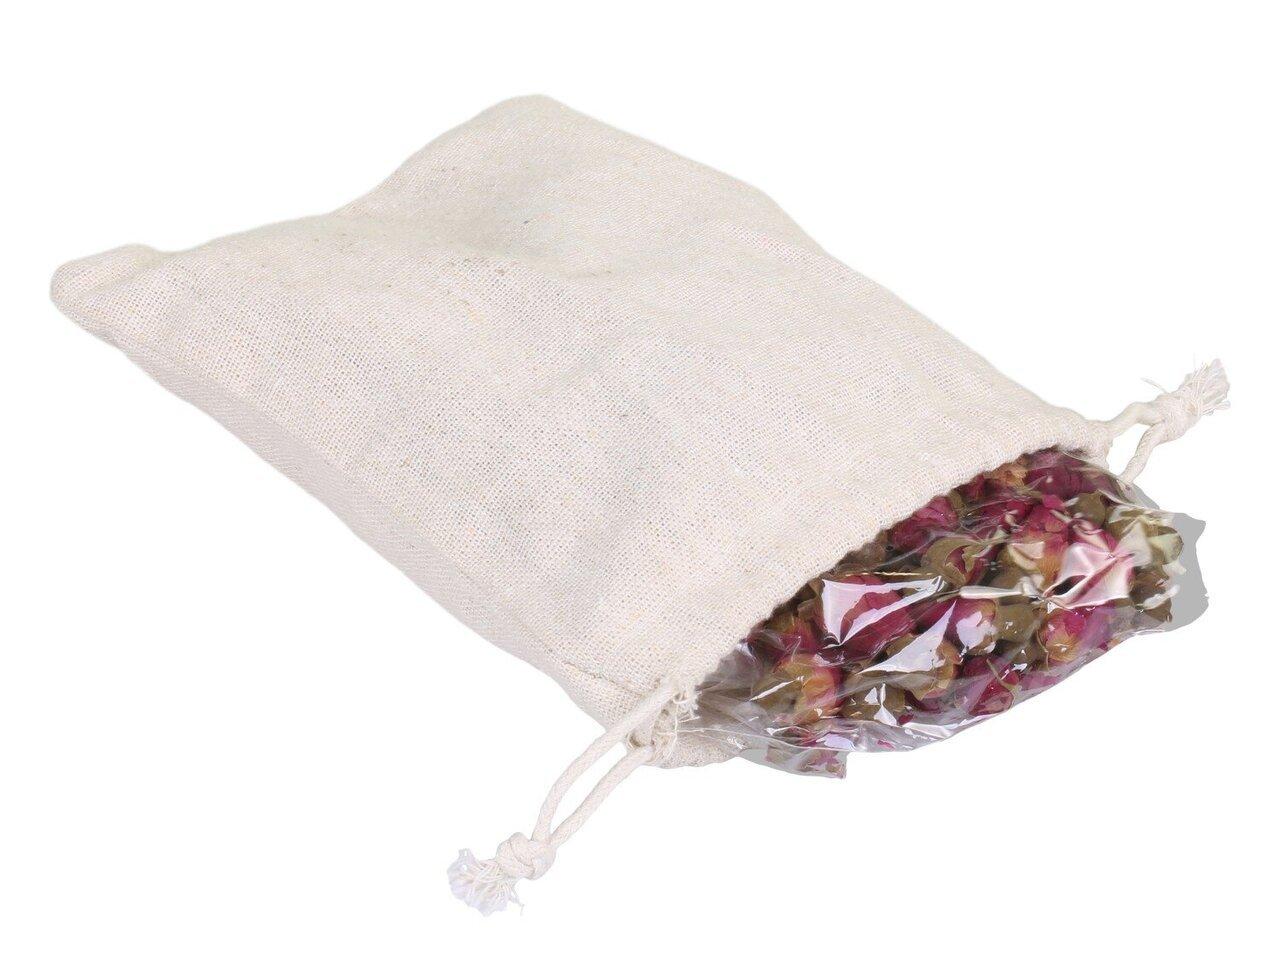 Chic Antique Fleur Leinentasche mit getrocknetem Rosen Potpourri